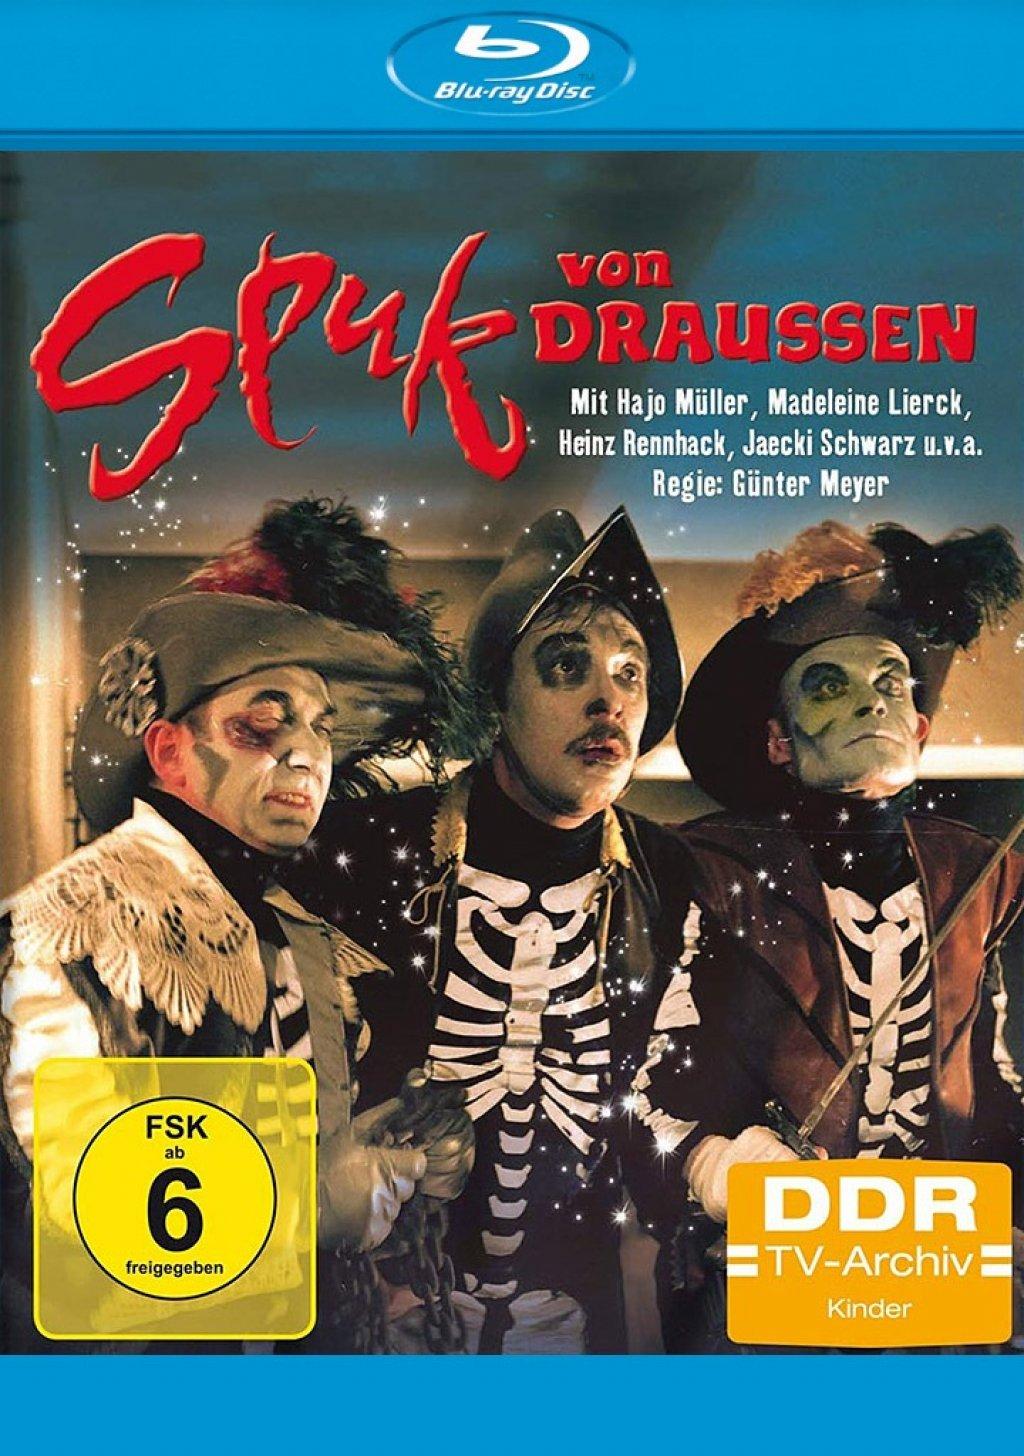 Spuk von draussen - DDR TV-Archiv (Blu-ray)